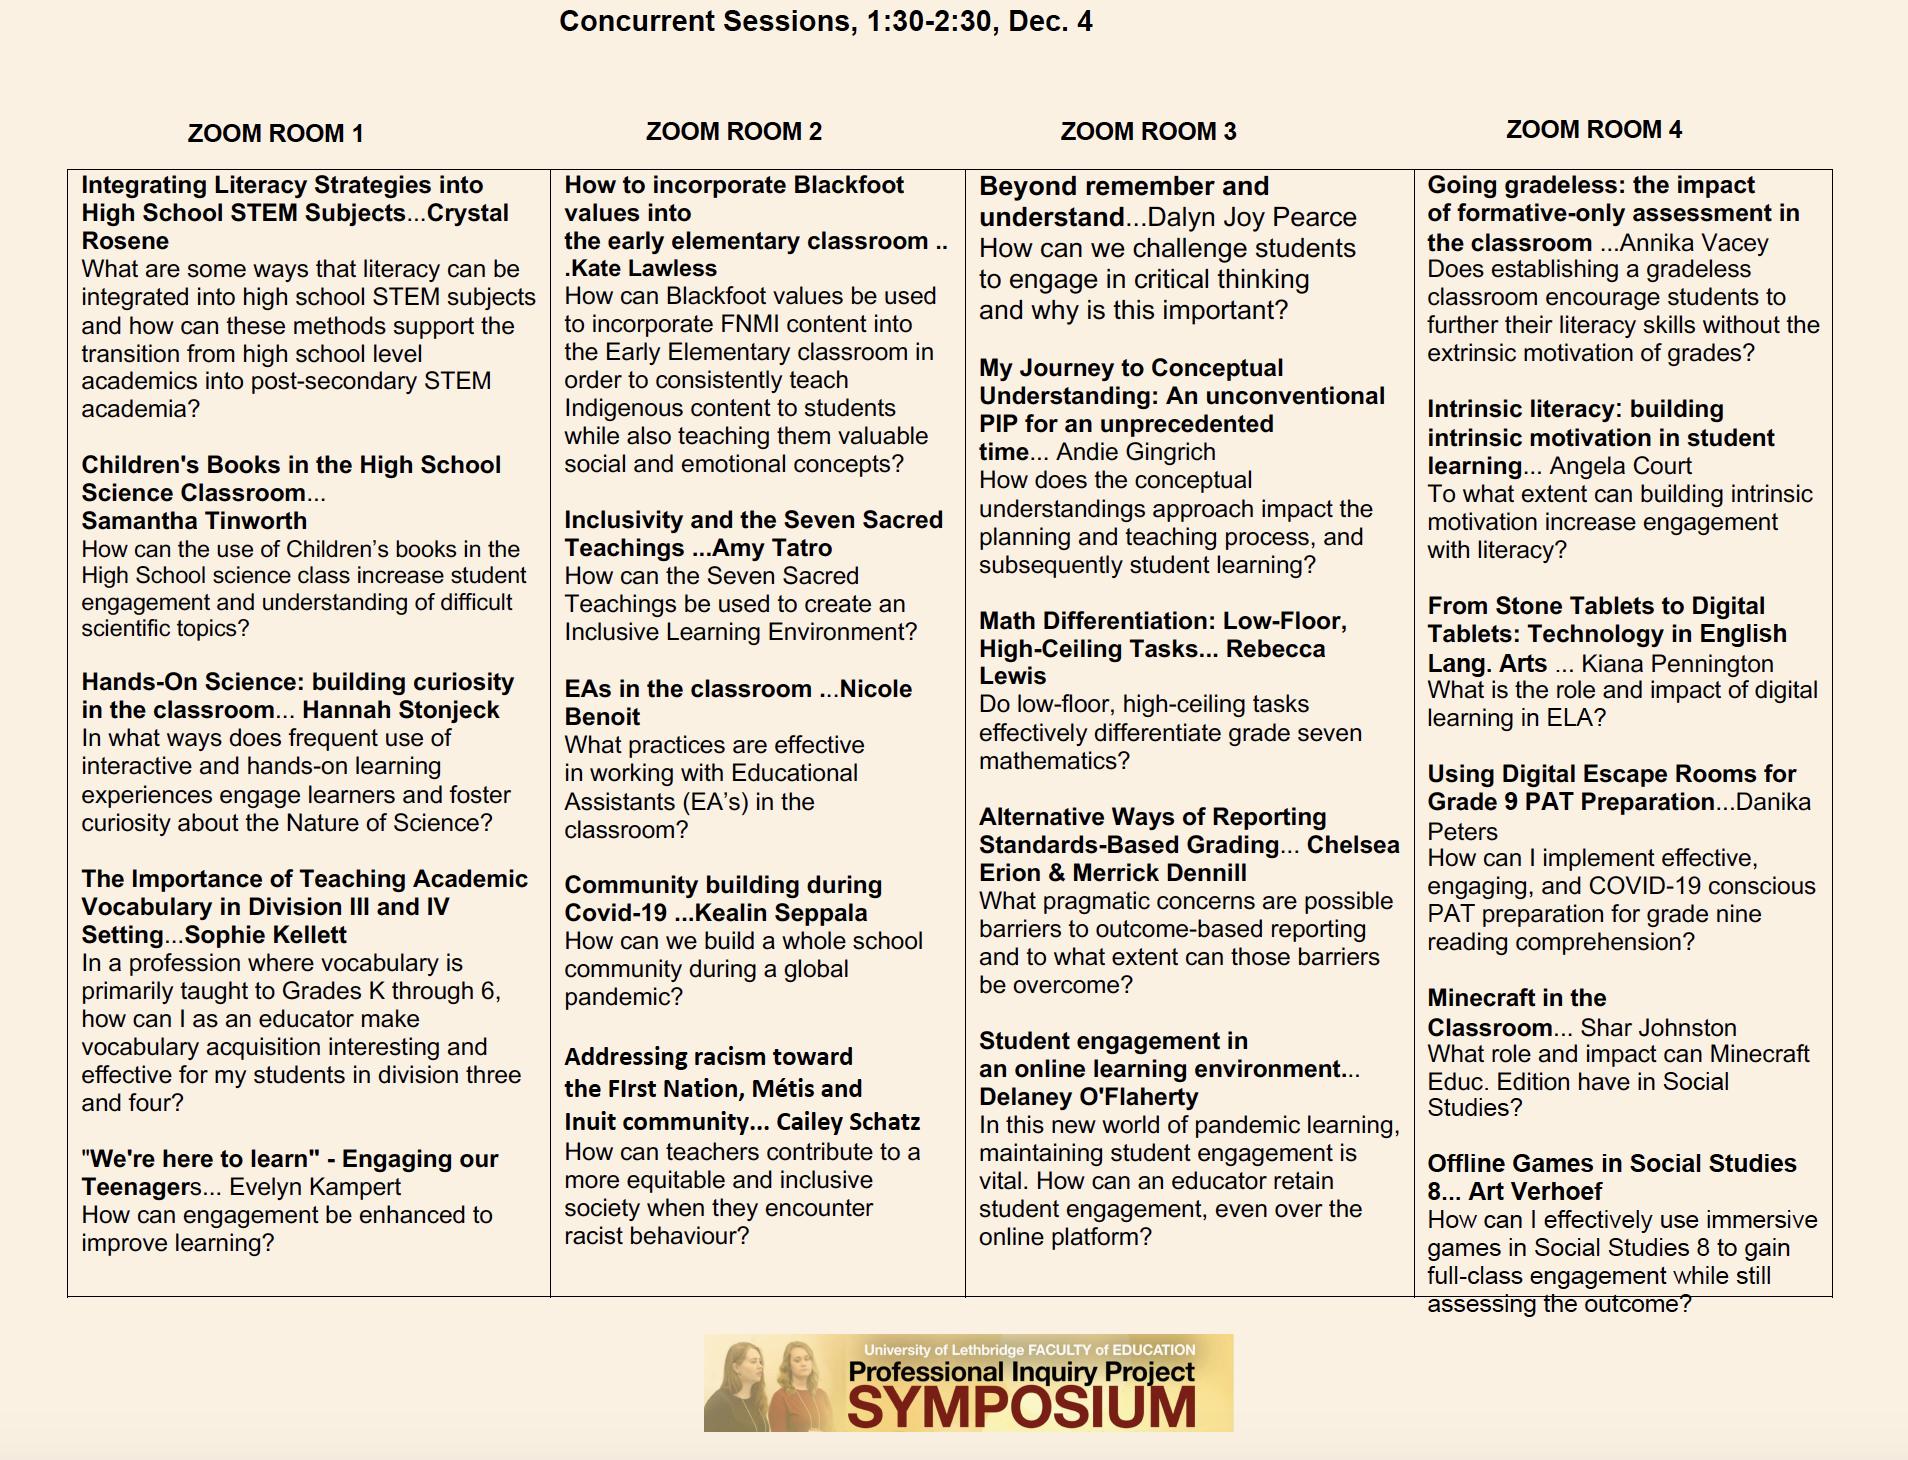 Schedule of Presenters